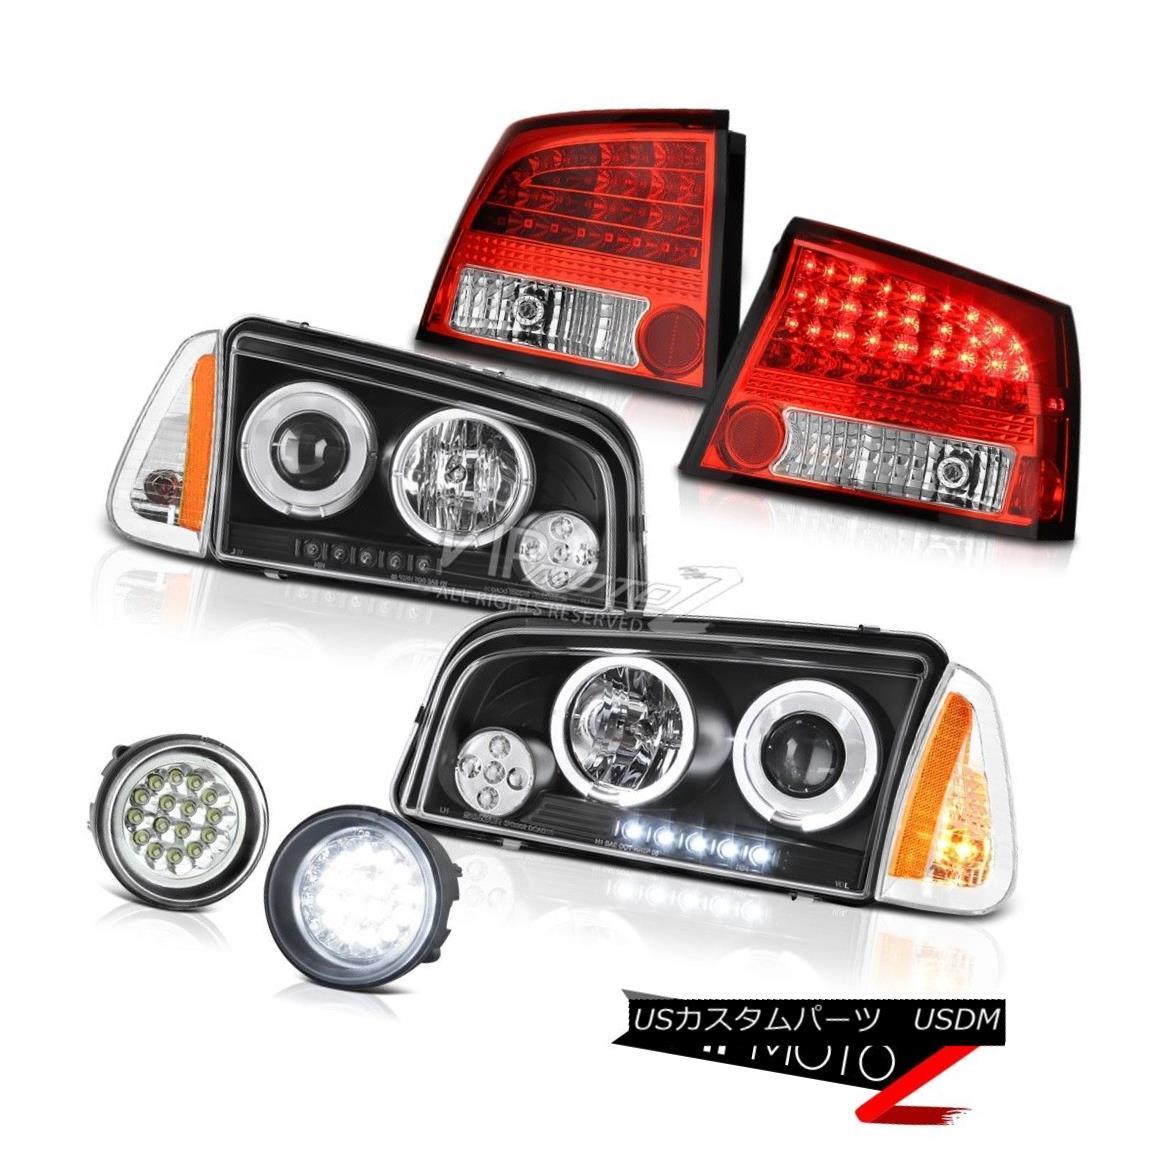 ヘッドライト 2009-2010 Dodge Charger RT Fog lamps wine red tail brake parking lamp Headlamps 2009-2010ダッジチャージャーRTフォグランプワインレッドテールブレーキパーキングランプヘッドランプ